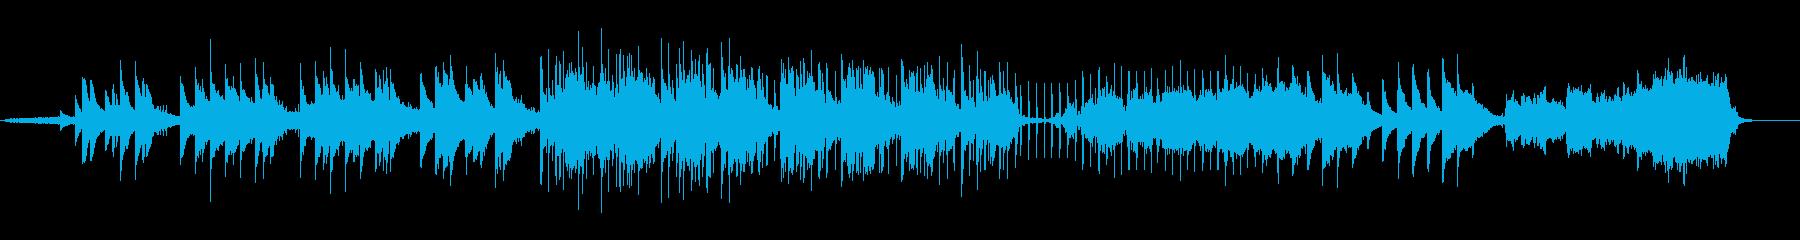 透明感のあるファンタジーな音世界の再生済みの波形